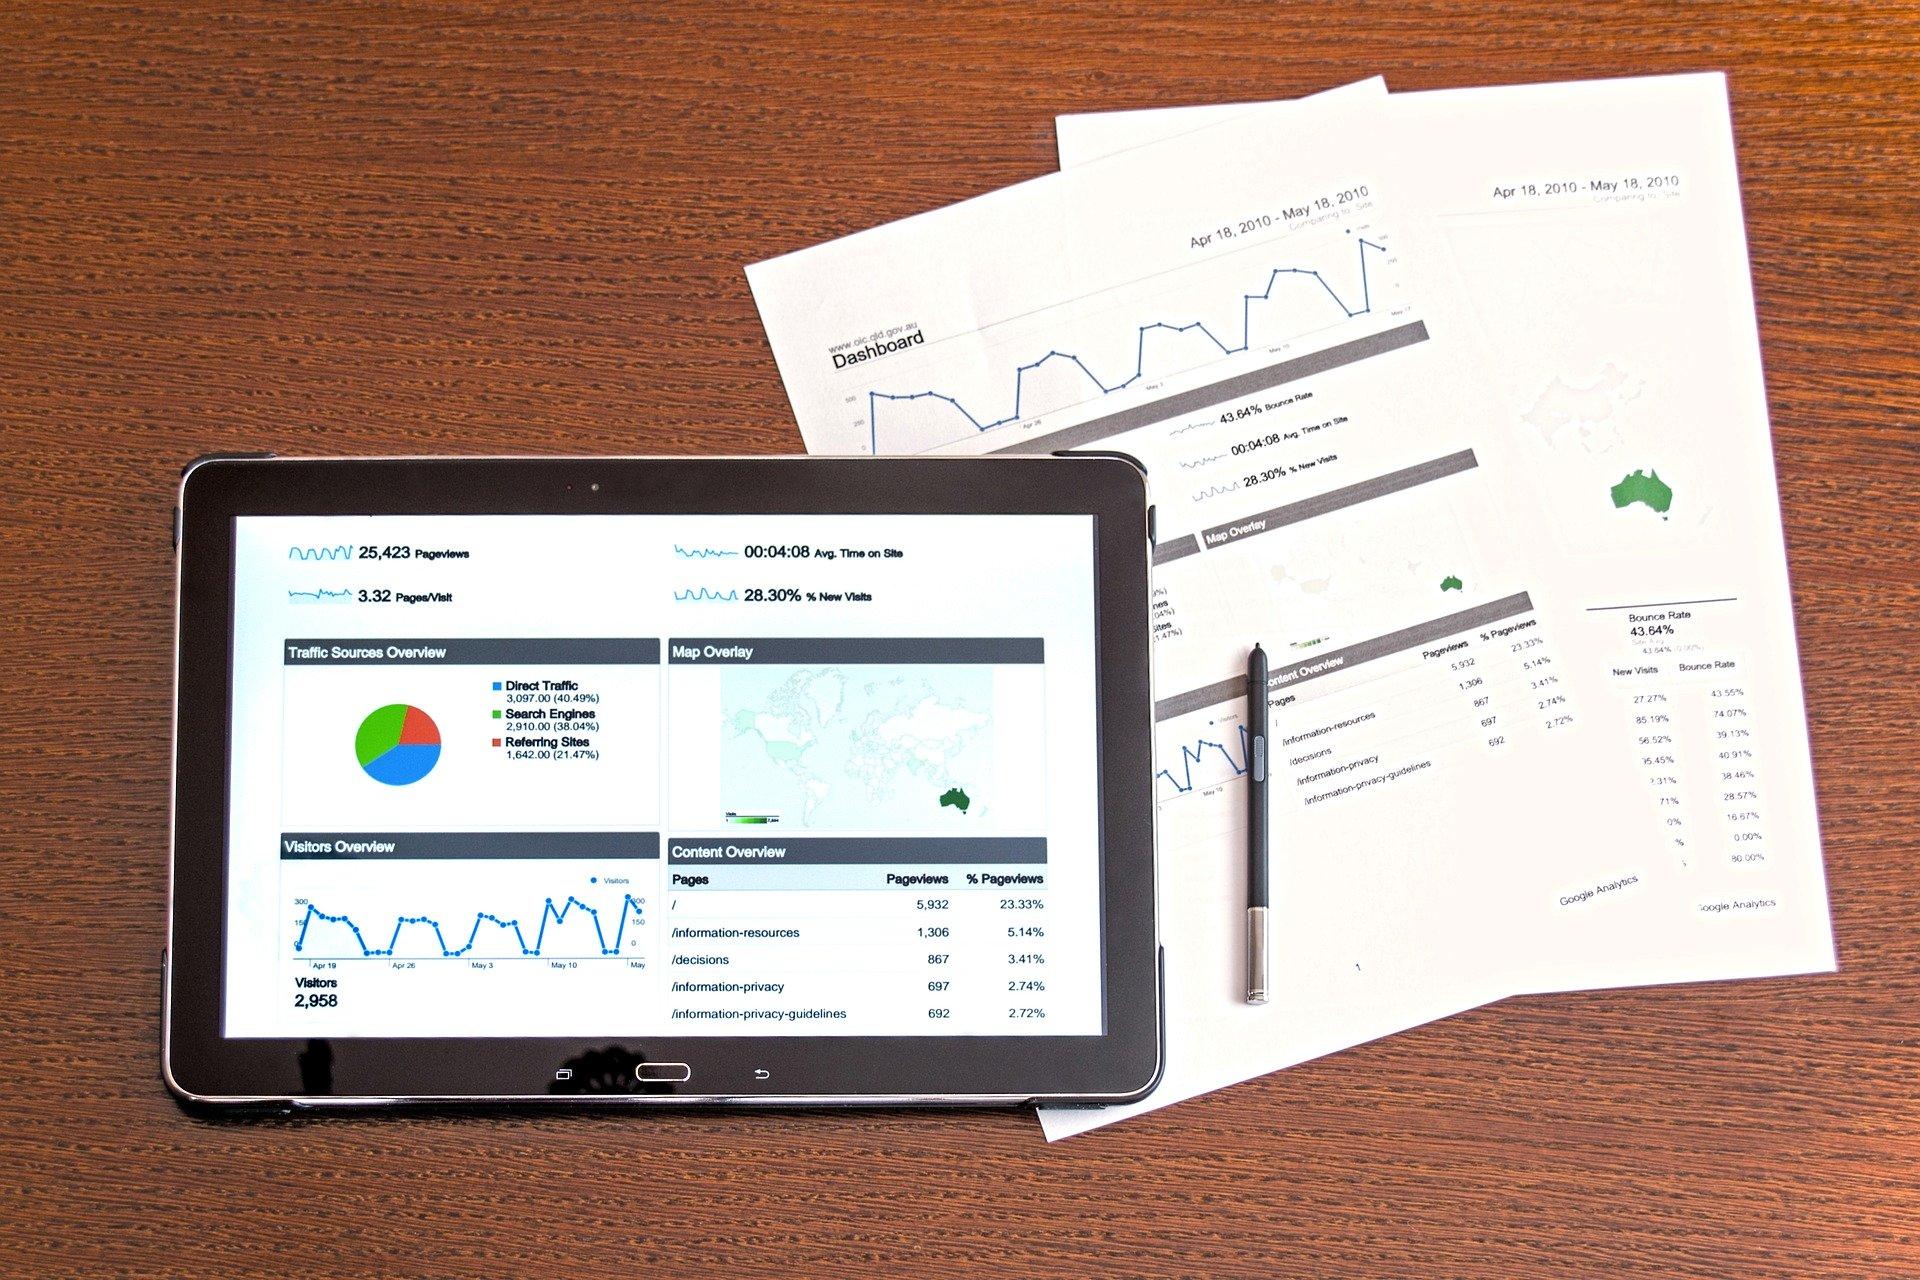 Grayscale Investments dépose le formulaire 10 auprès de la SEC pour son Ethereum Trust